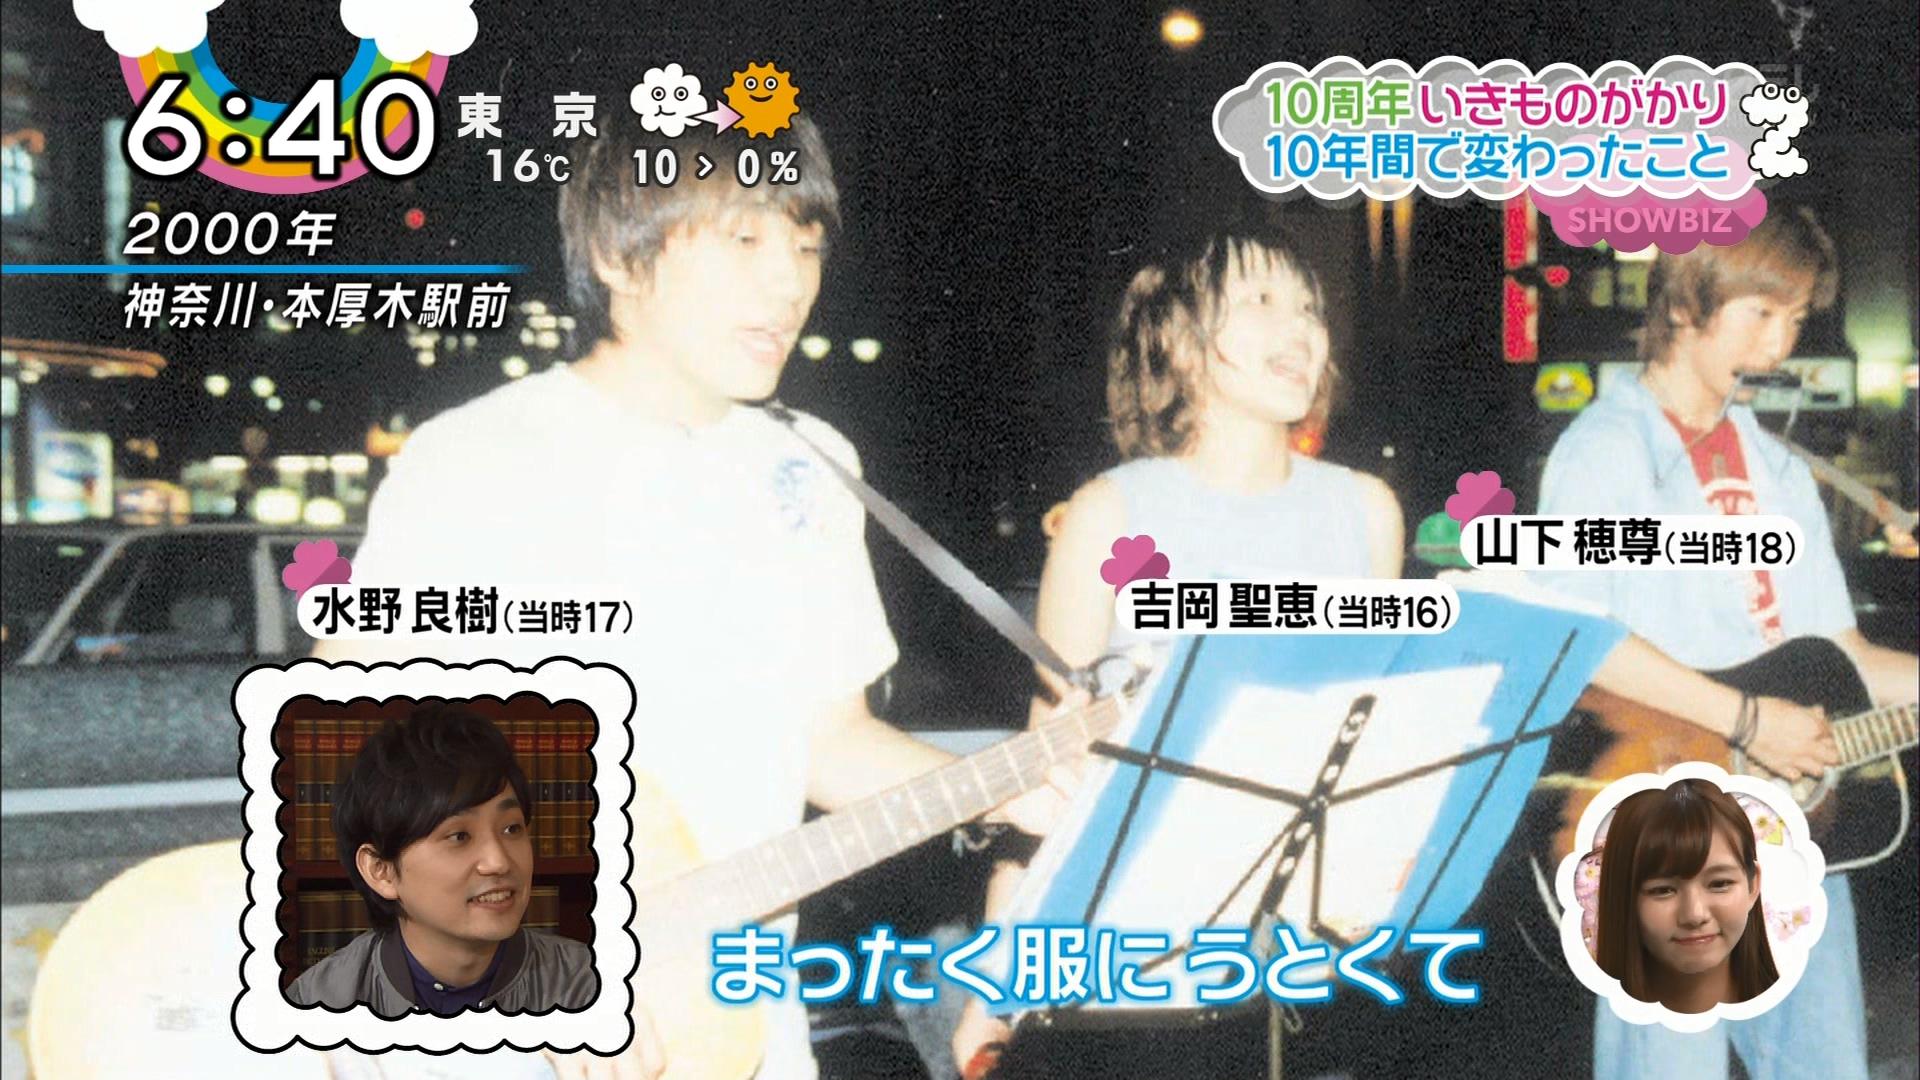 2016.03.22 10周年 いきものがかり - アルバム8作連続1位(ZIP!).ts_20160322_140927.360